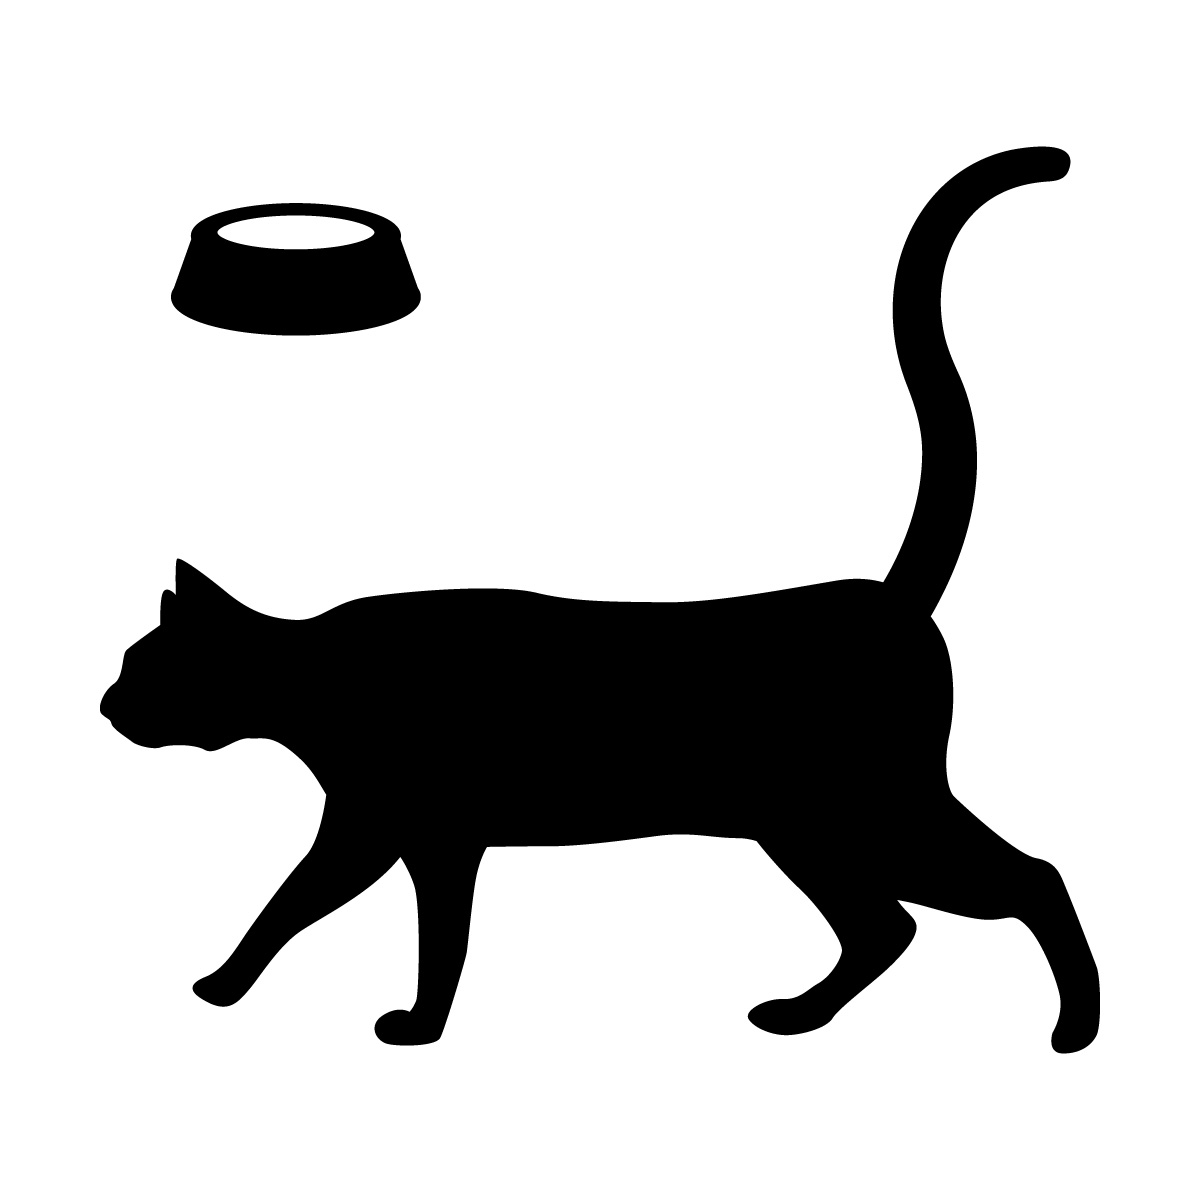 尻尾をあげて優雅に歩くネコ(お皿付き)のシルエットステッカー・シール